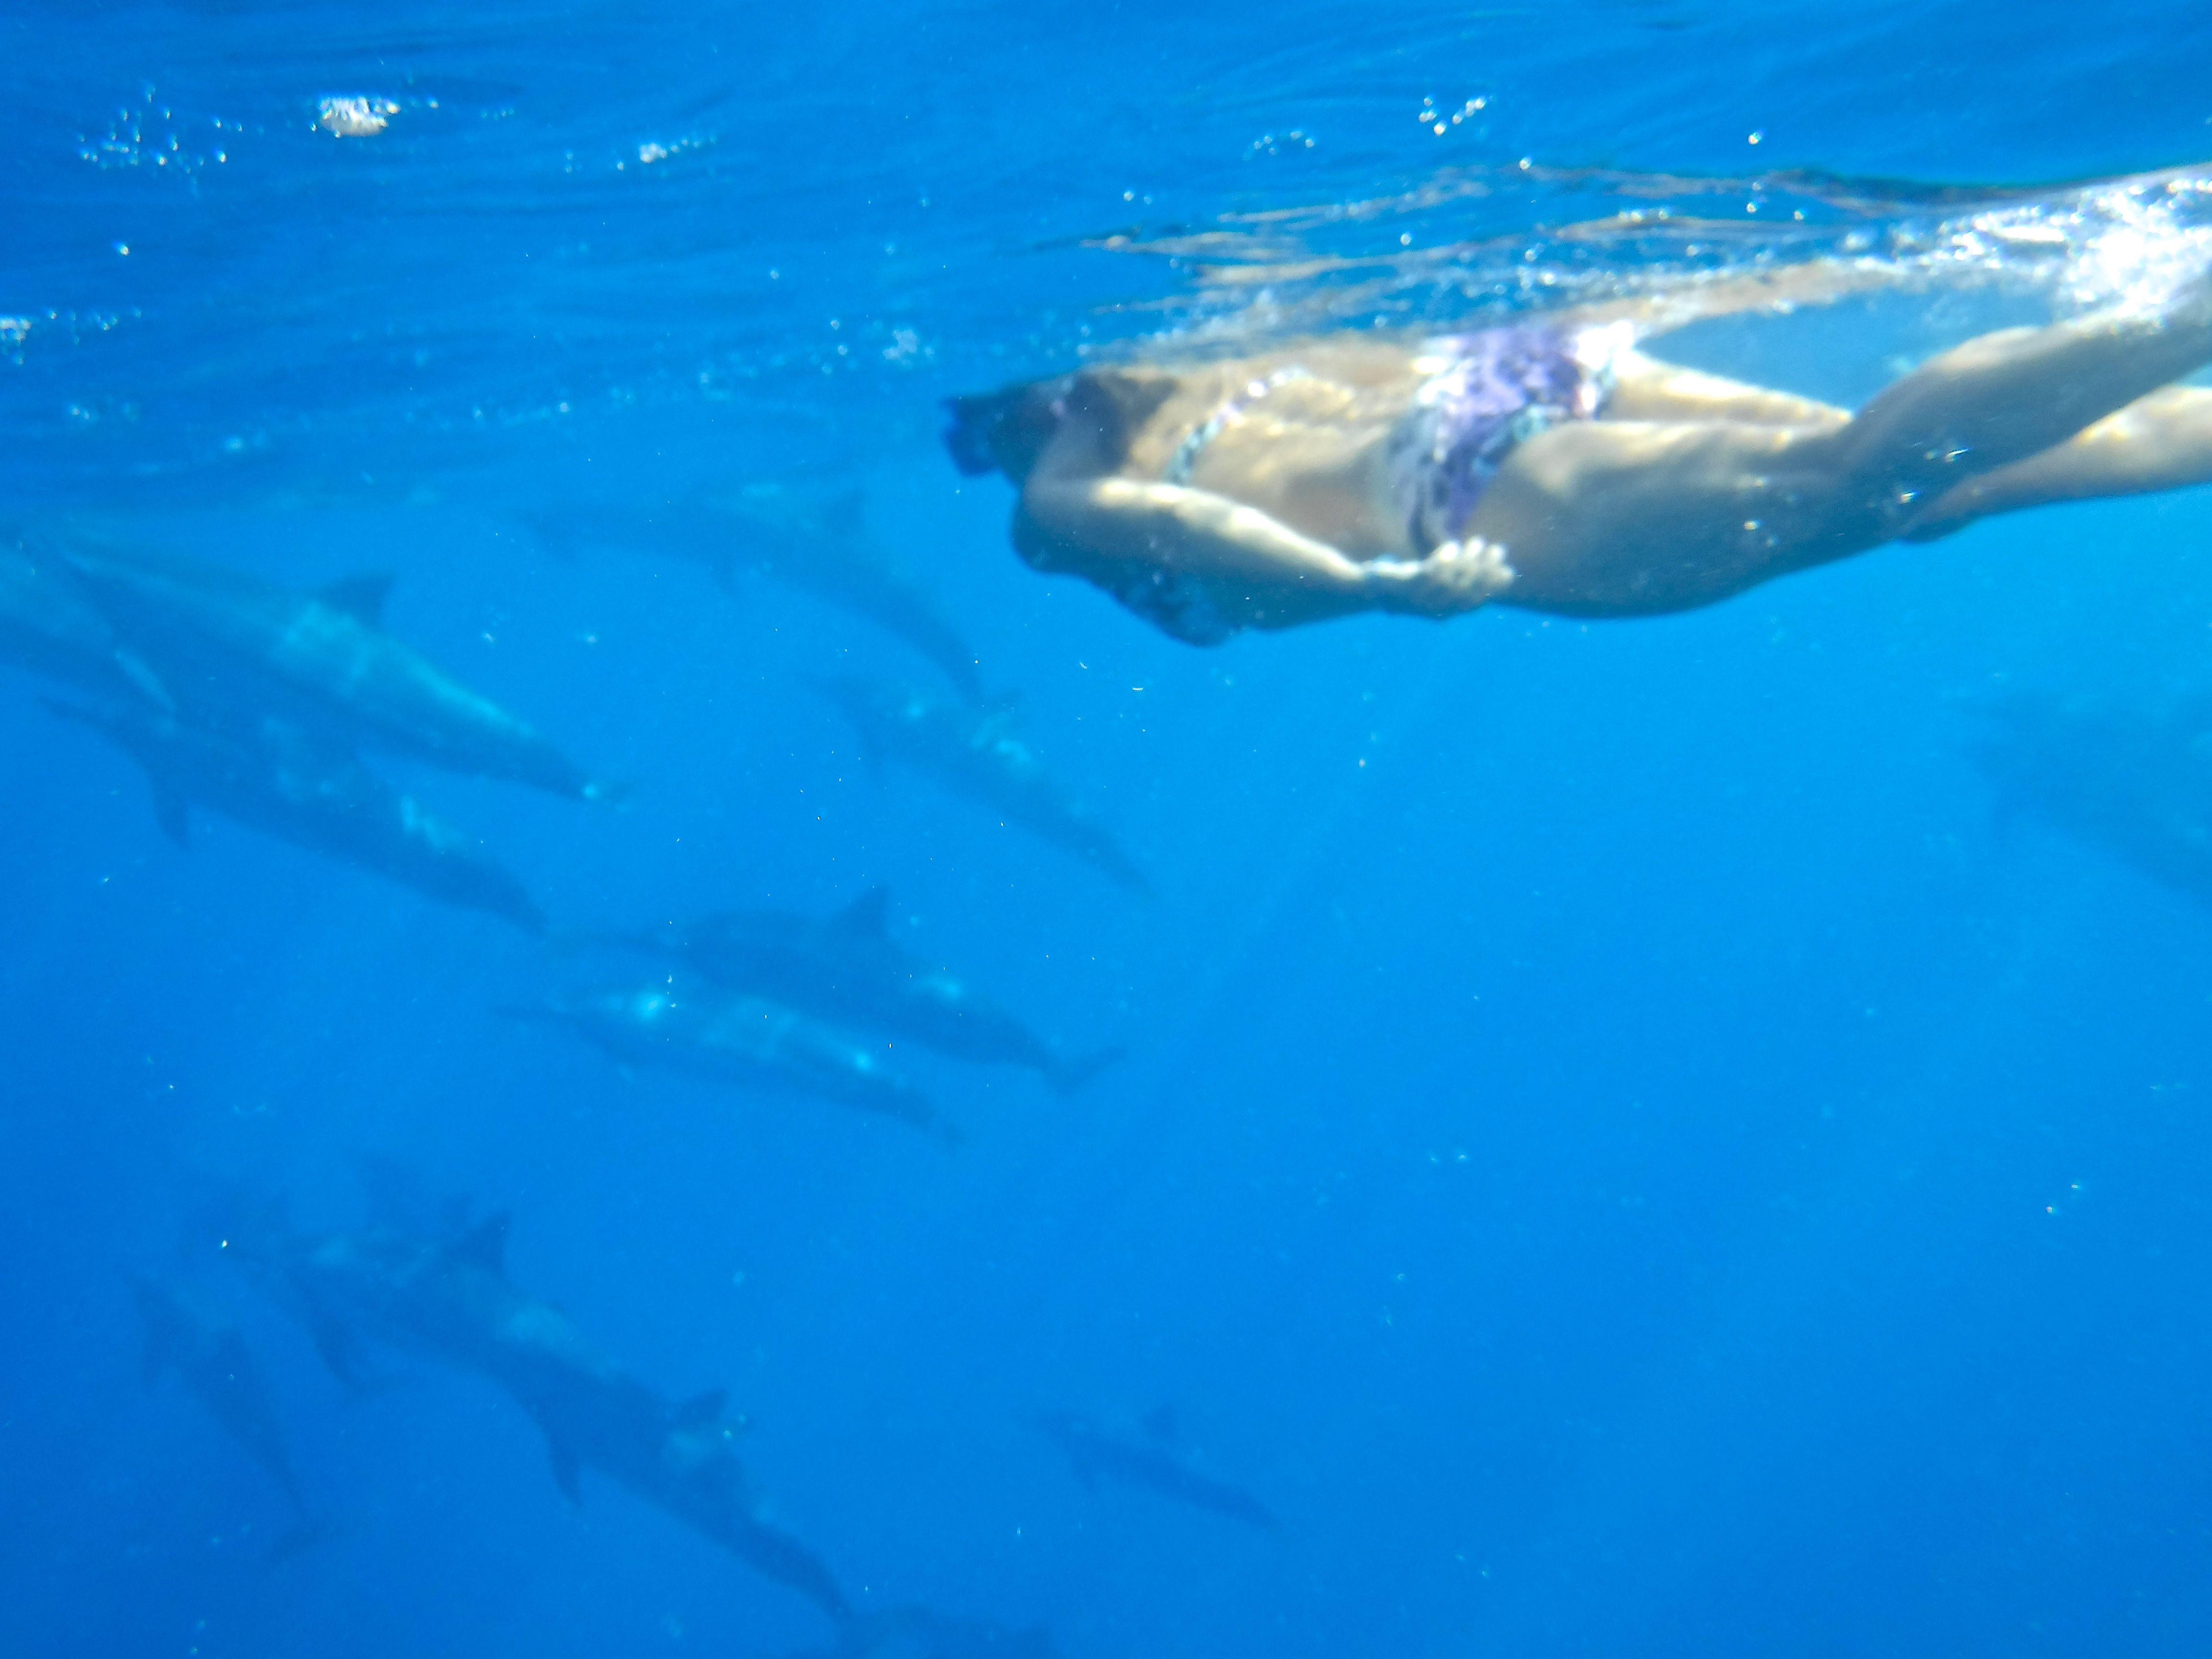 dscf0453-dolphinsme-forblog